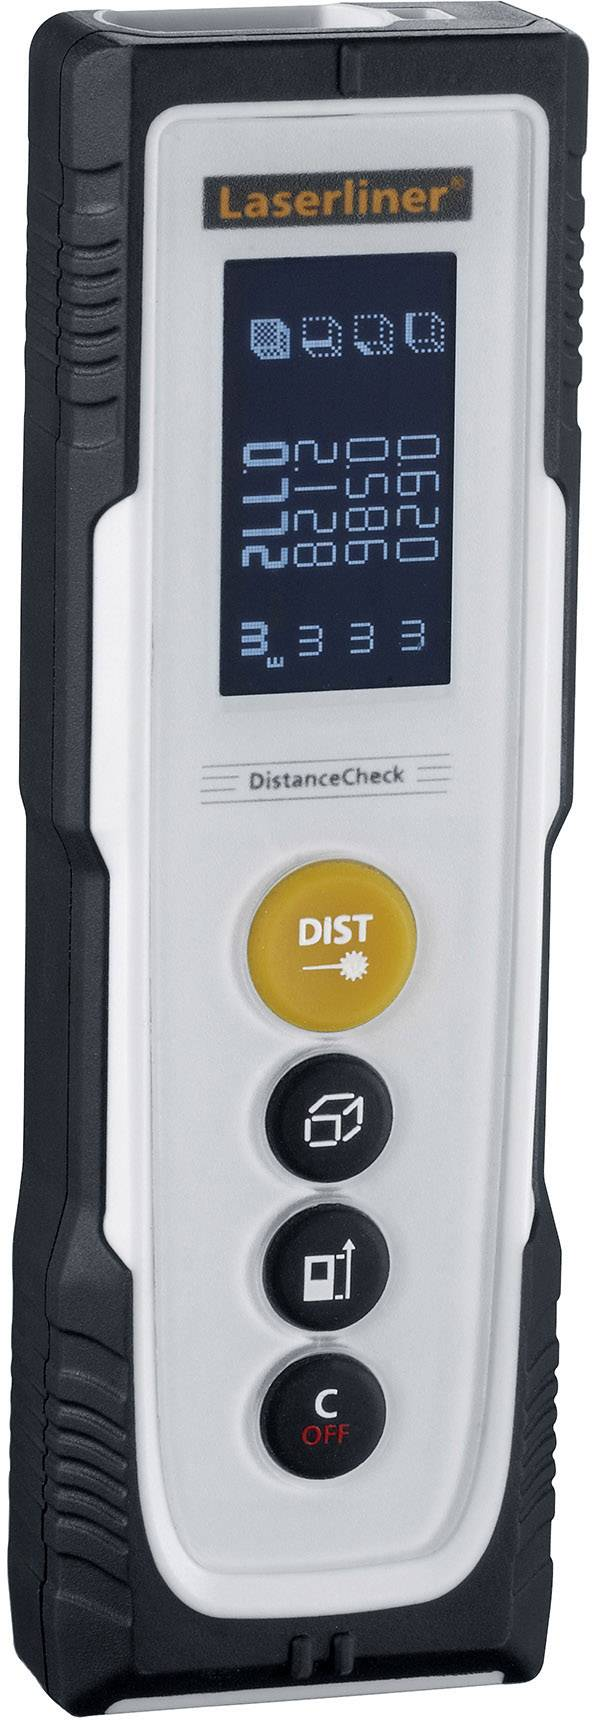 Laserový měřič vzdálenosti Laserliner DistanceCheck, rozsah měření (max.) 20 m